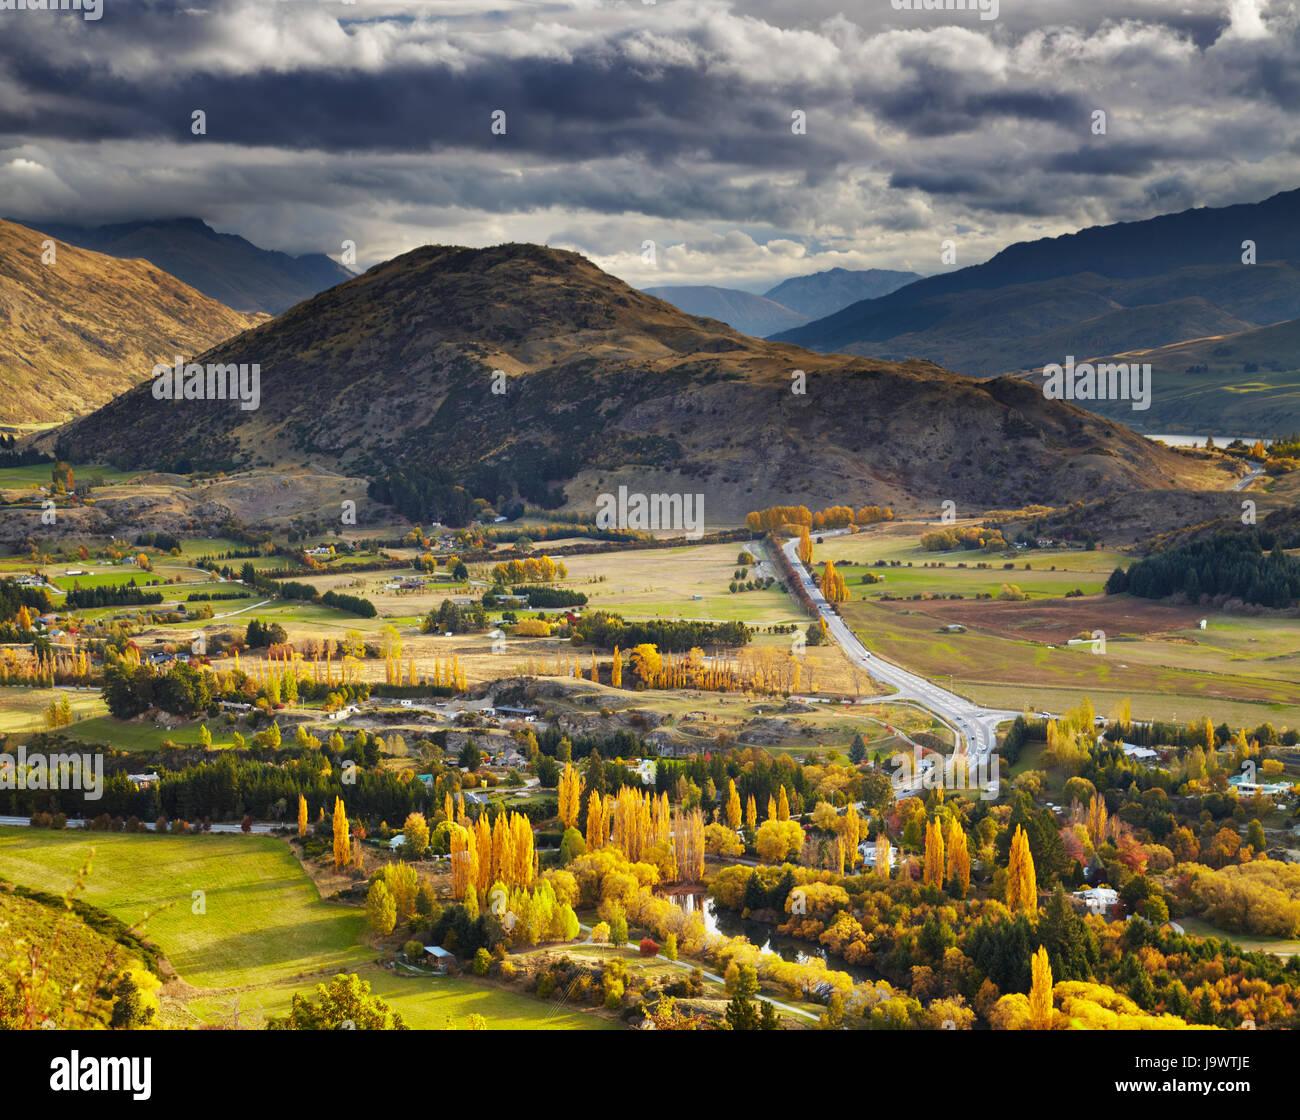 Paisaje otoñal, cerca de Queenstown, Nueva Zelanda Imagen De Stock